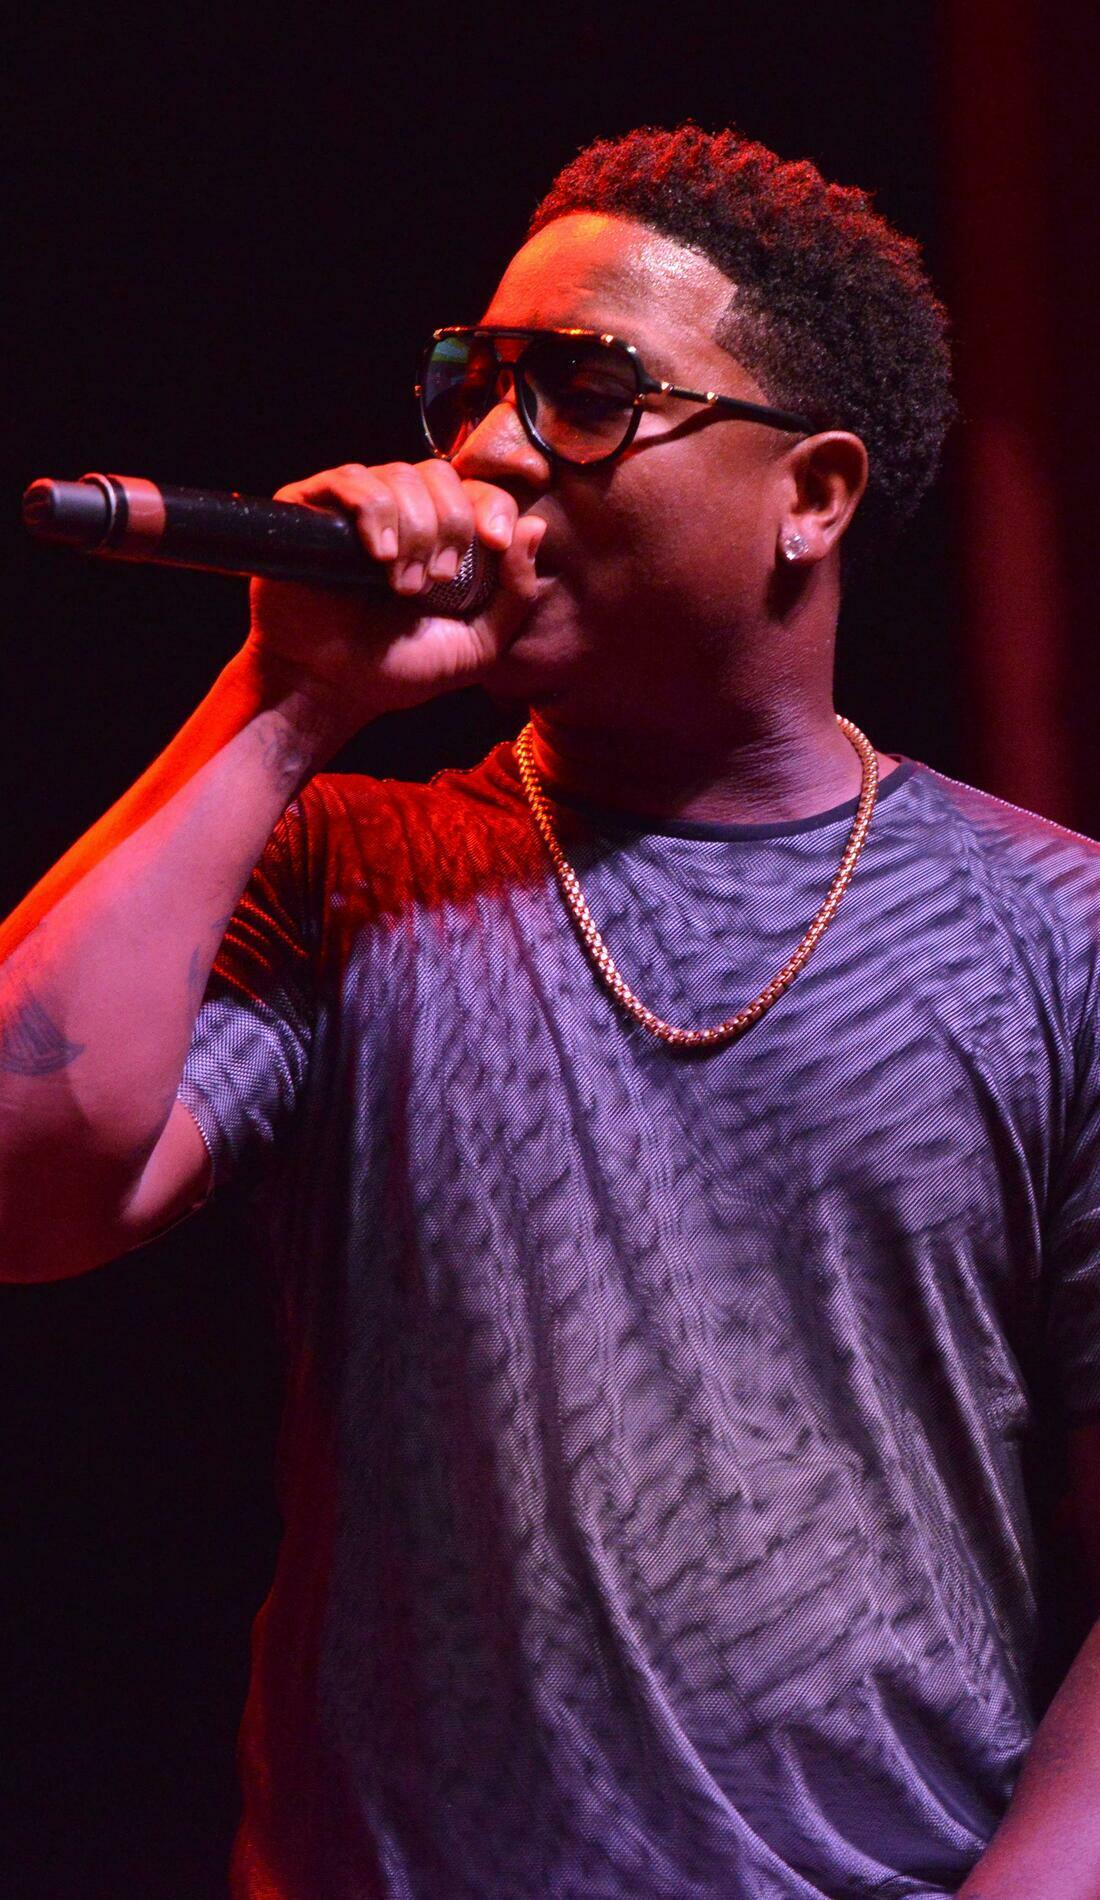 A Yung Joc live event